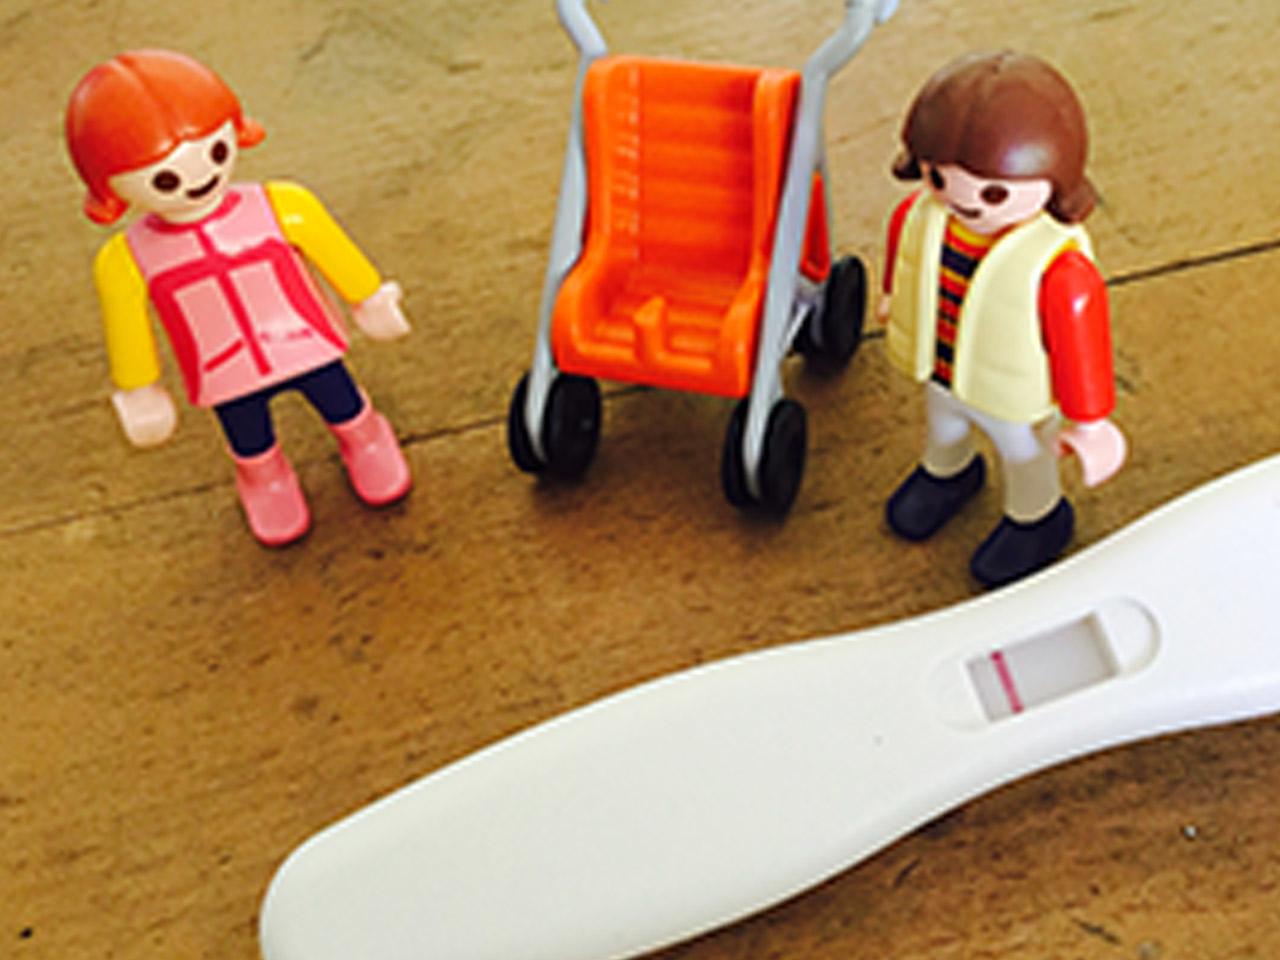 Bei unerfülltem Kinderwunsch ist ein negativer Schwangerschaftstest eine schlechte Nachricht.